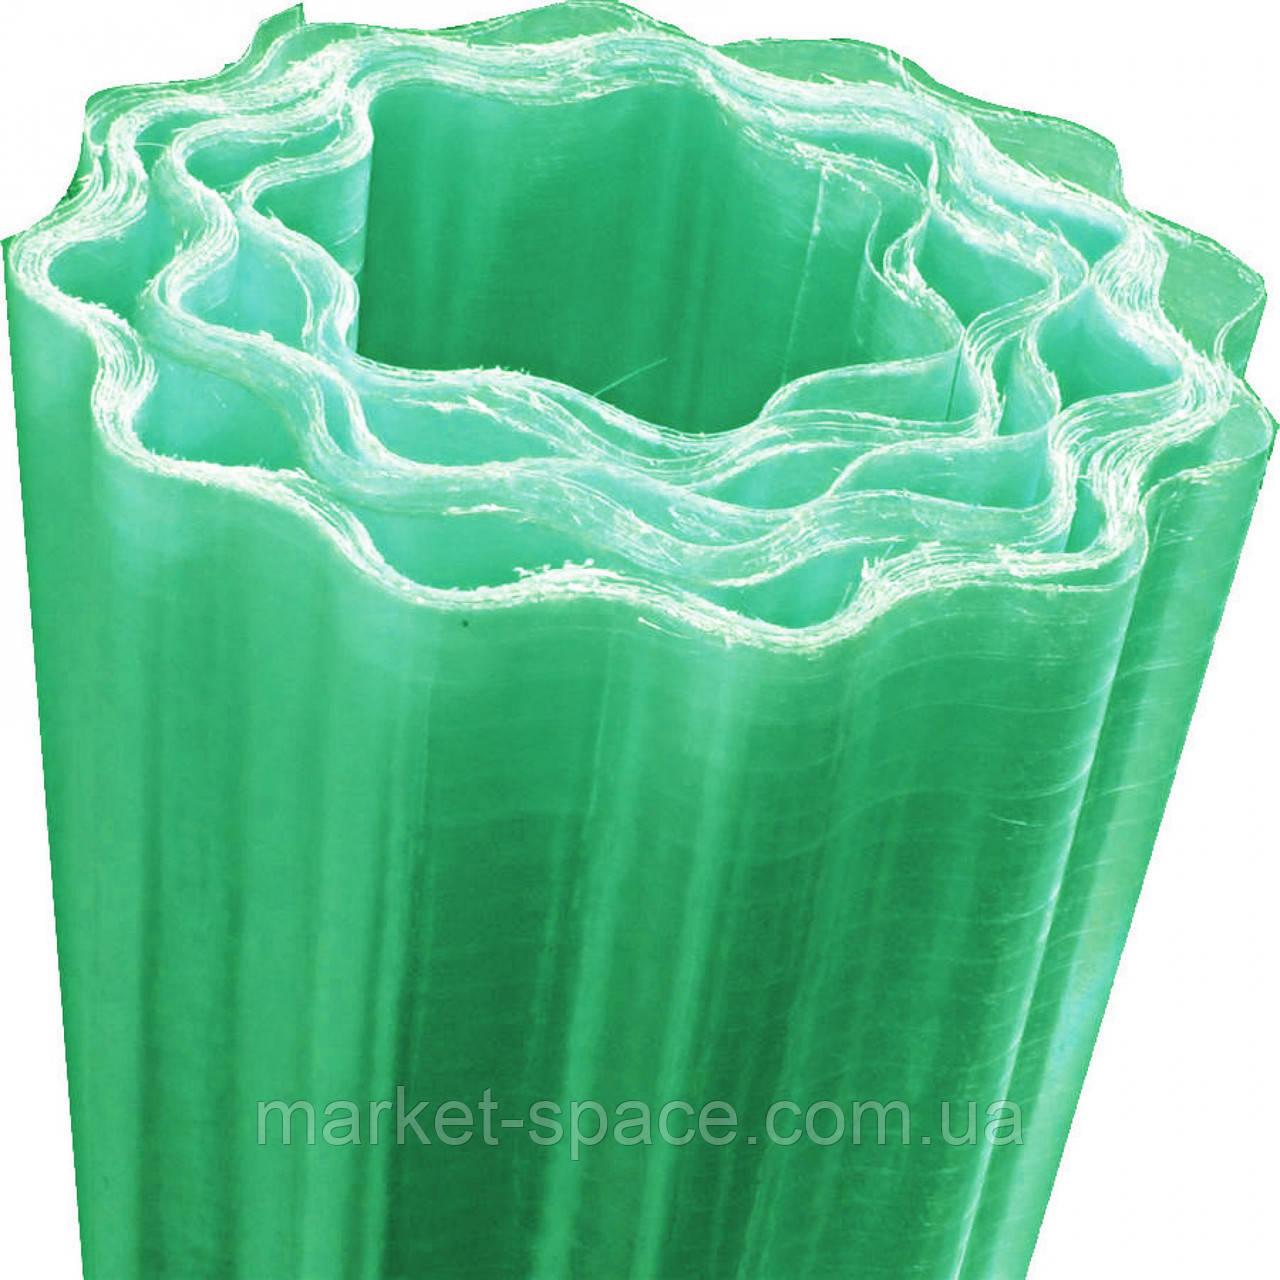 """Пластиковый шифер """"Волнопласт"""". Цвет: зеленый. Размер рулона: Д:21м*Ш:2,5м=52.5 кв.м"""